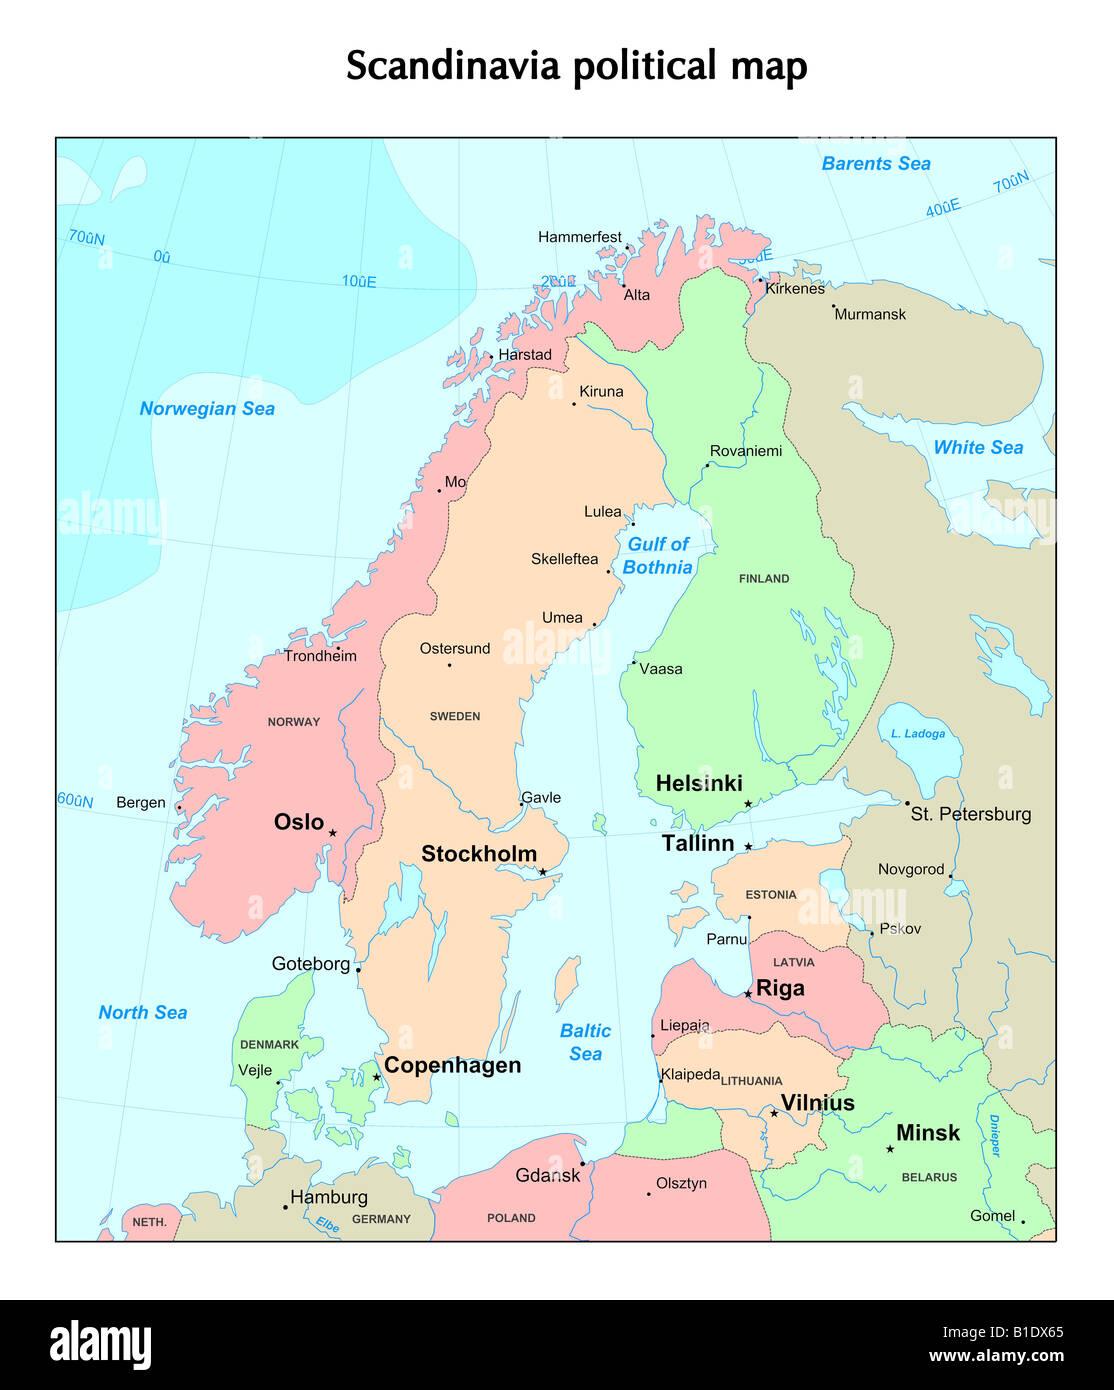 Scandinavia Map Stock Photos & Scandinavia Map Stock Images ...